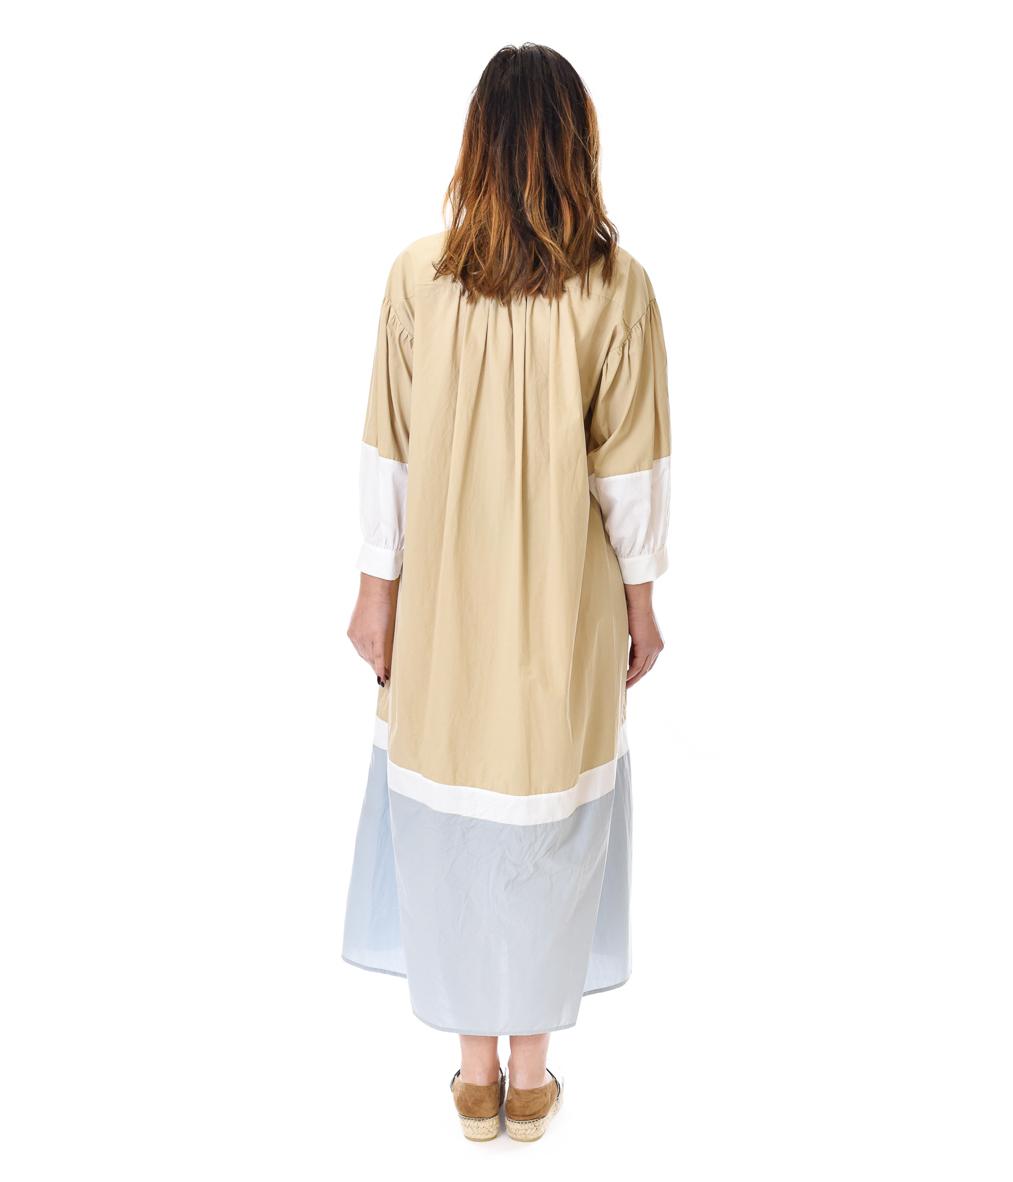 OTTOD'AME ABITO DONNA BEIGE E CELESTE COTTON DRESS